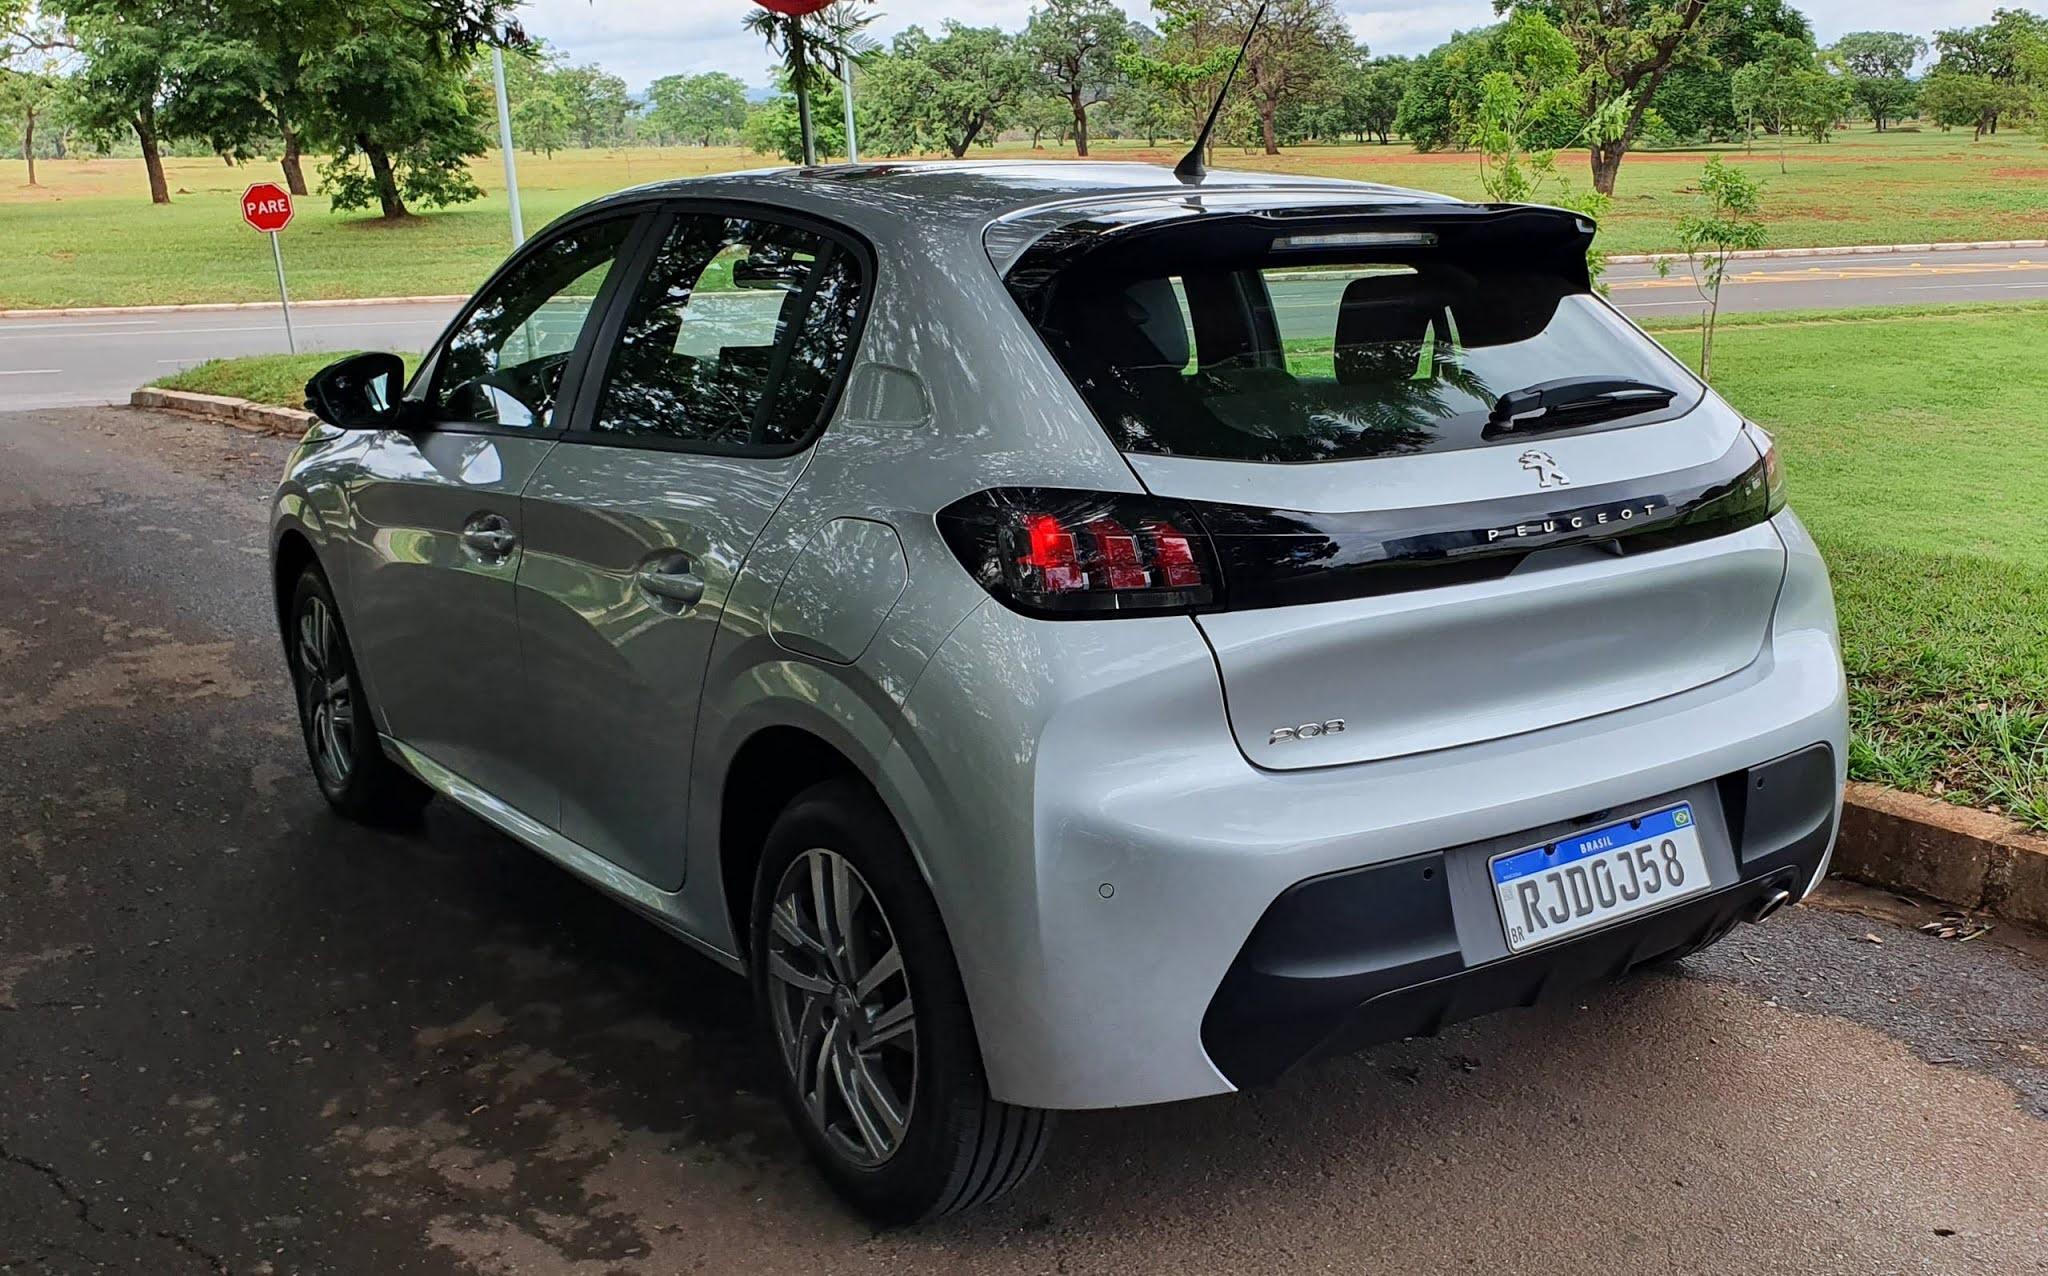 Novo Peugeot 208 impulsiona vendas da Peugeot a recorde em 2021